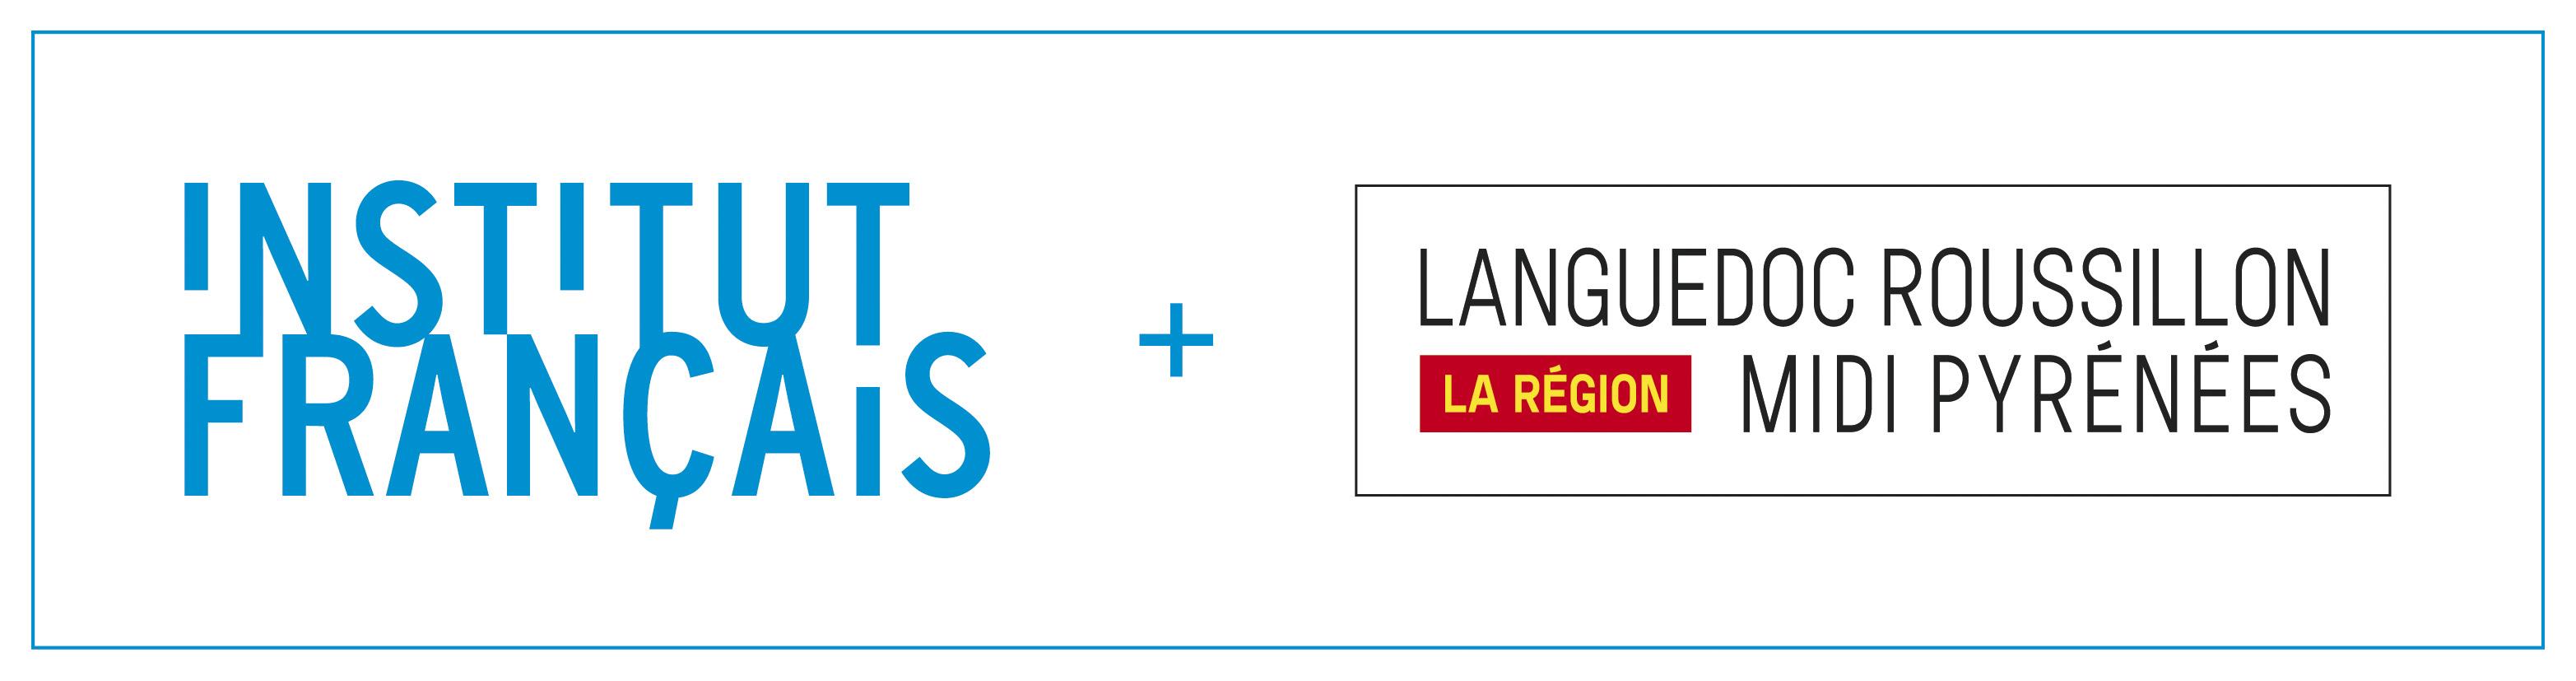 Institut Français + Région Languedoc Roussillon Midi Pyrénées